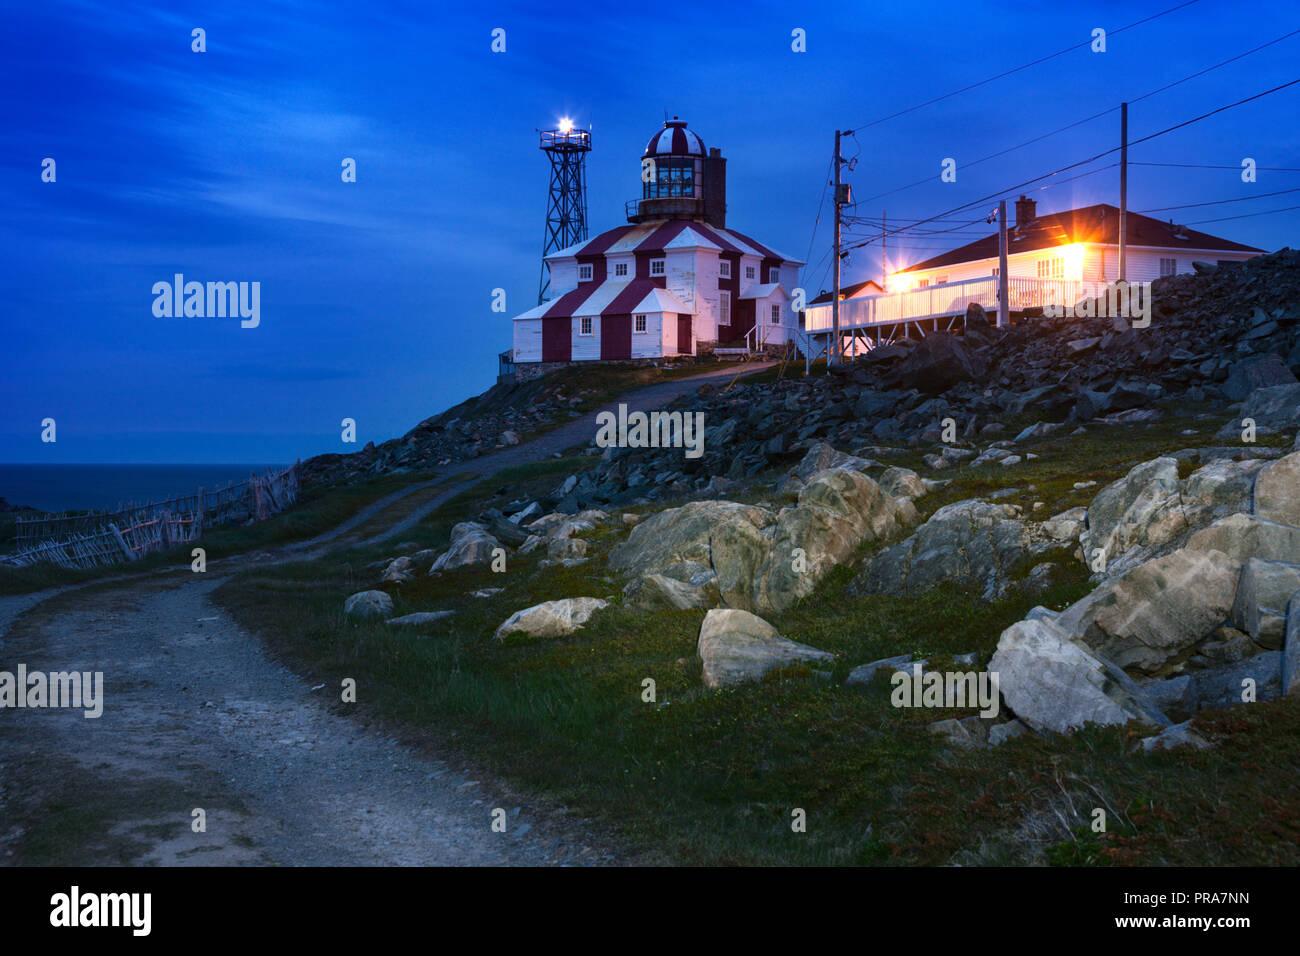 Cape Bonavista Lighthouse, Newfoundland. Bonavista, Newfoundland and Labrador, Canada. - Stock Image